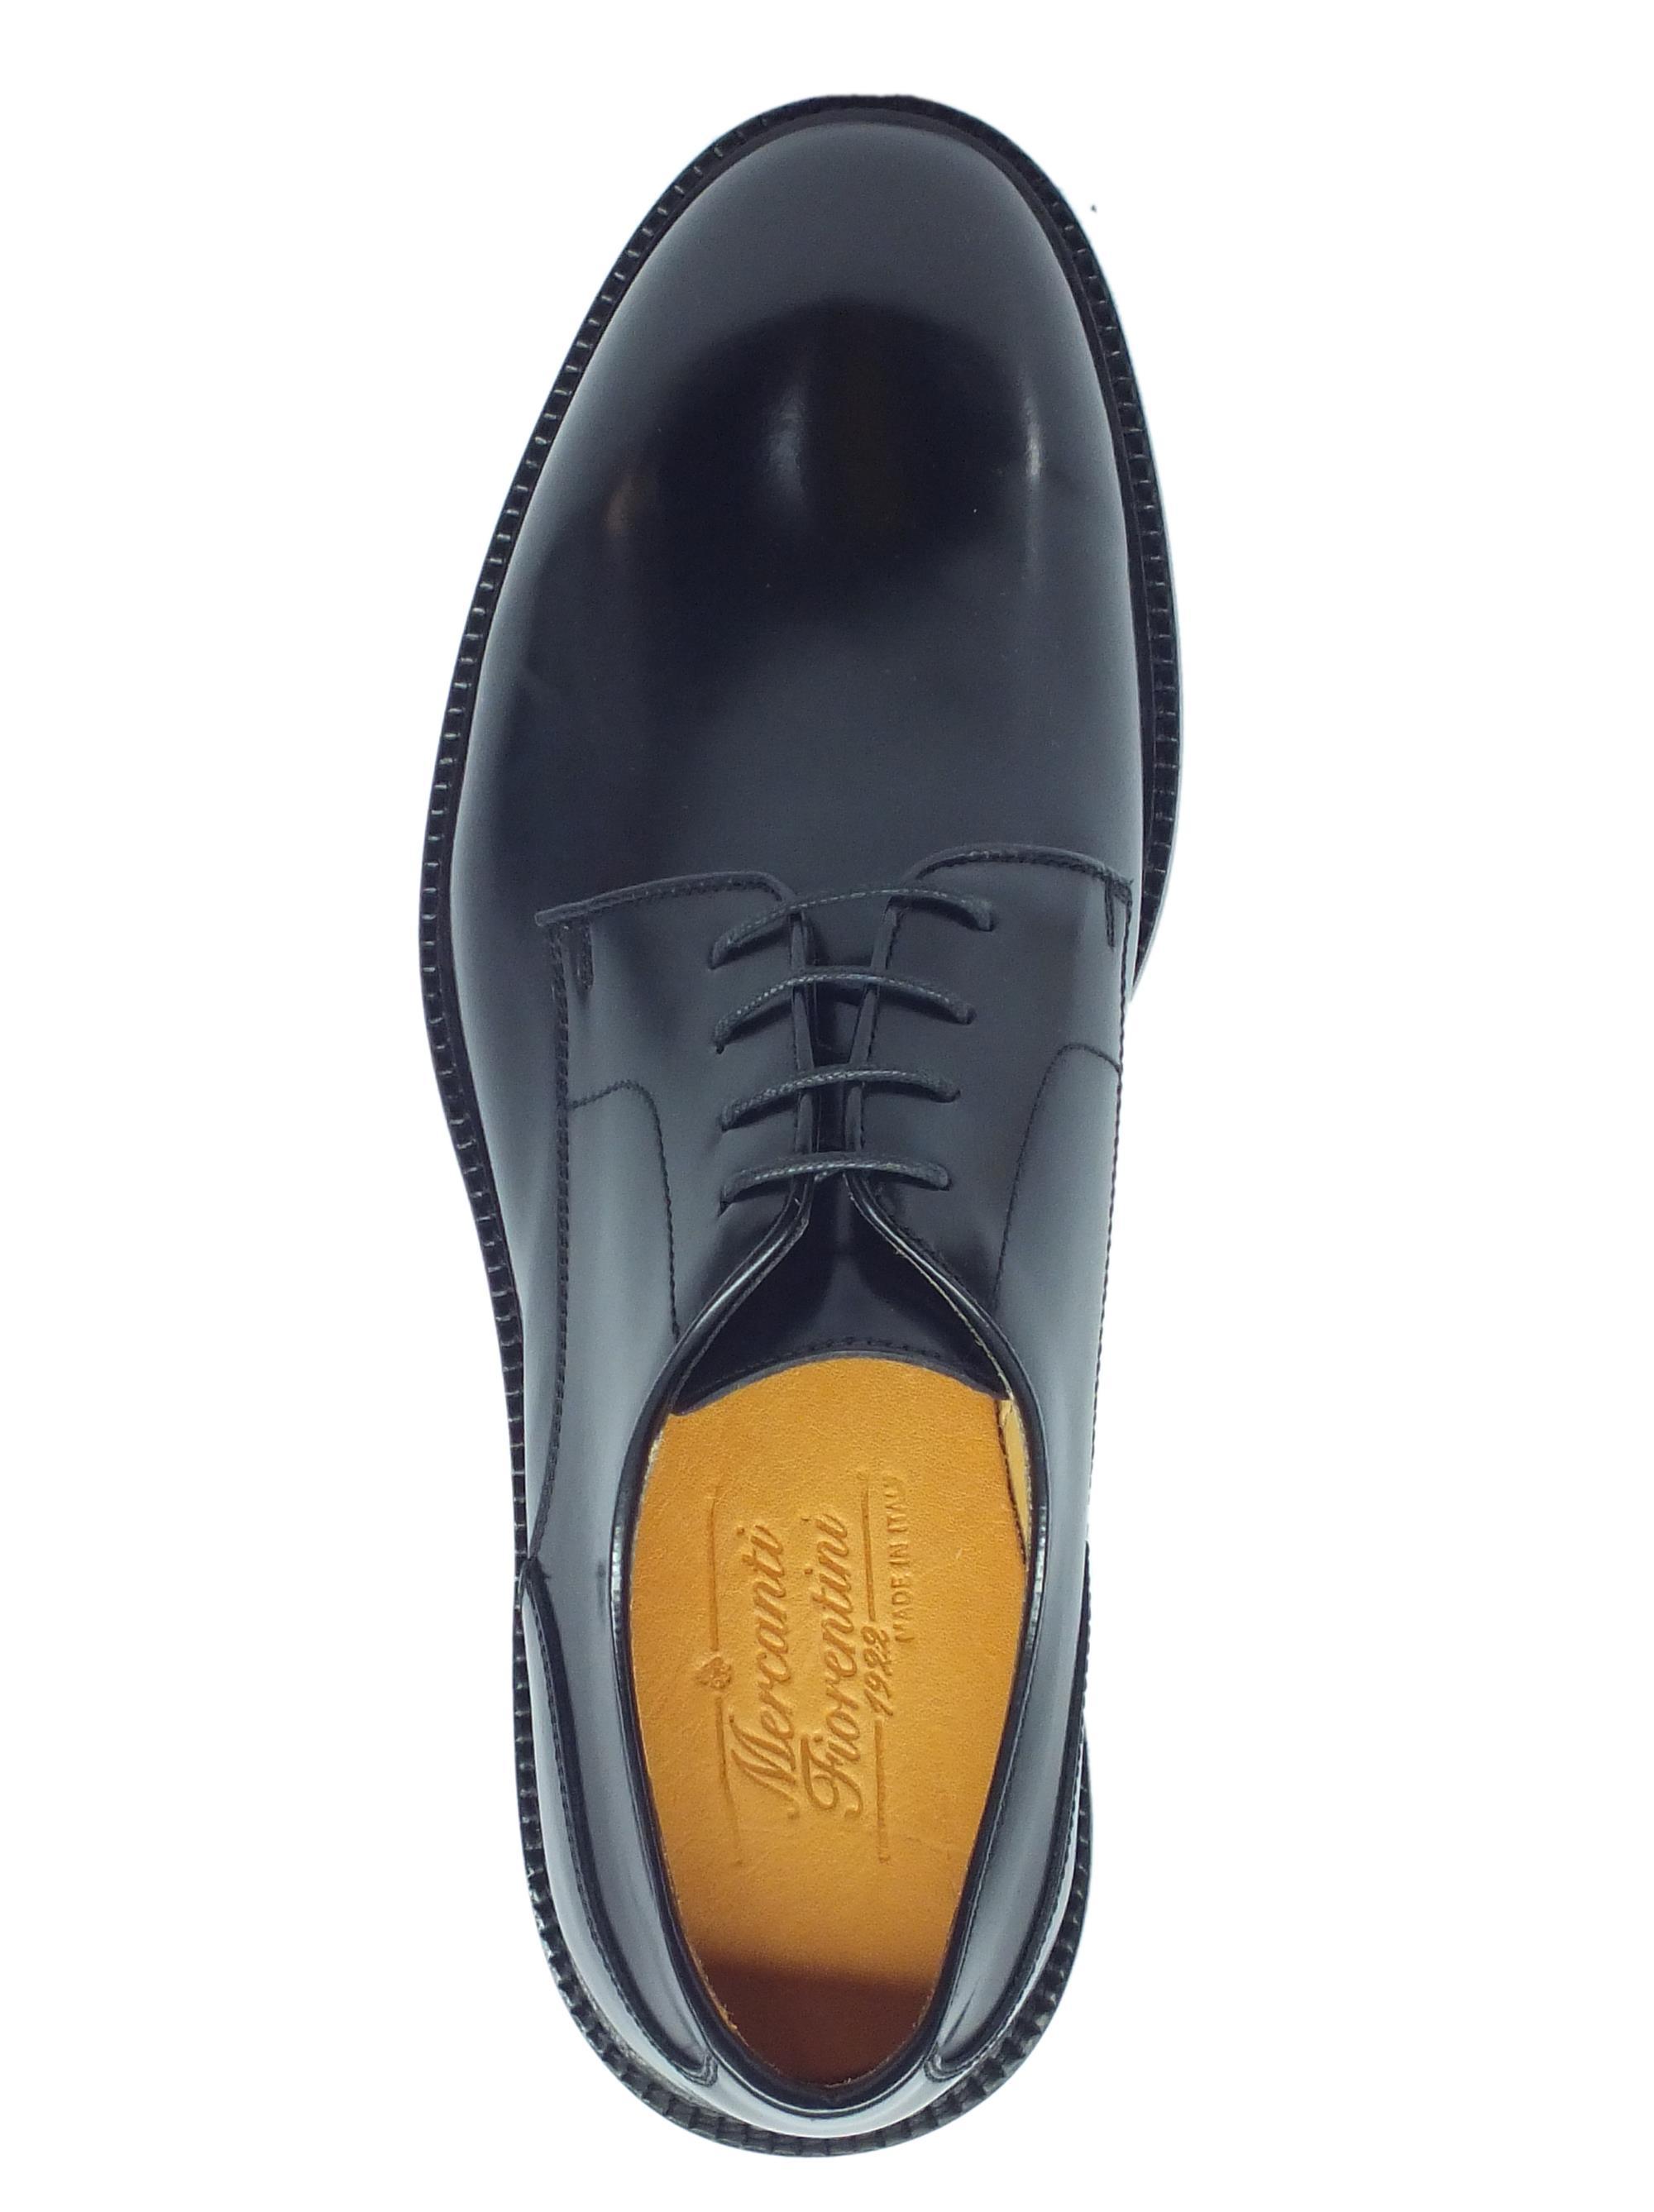 1f582463947 ... Scarpe classiche Mercanti Fiorentini in pelle abrasivata nera